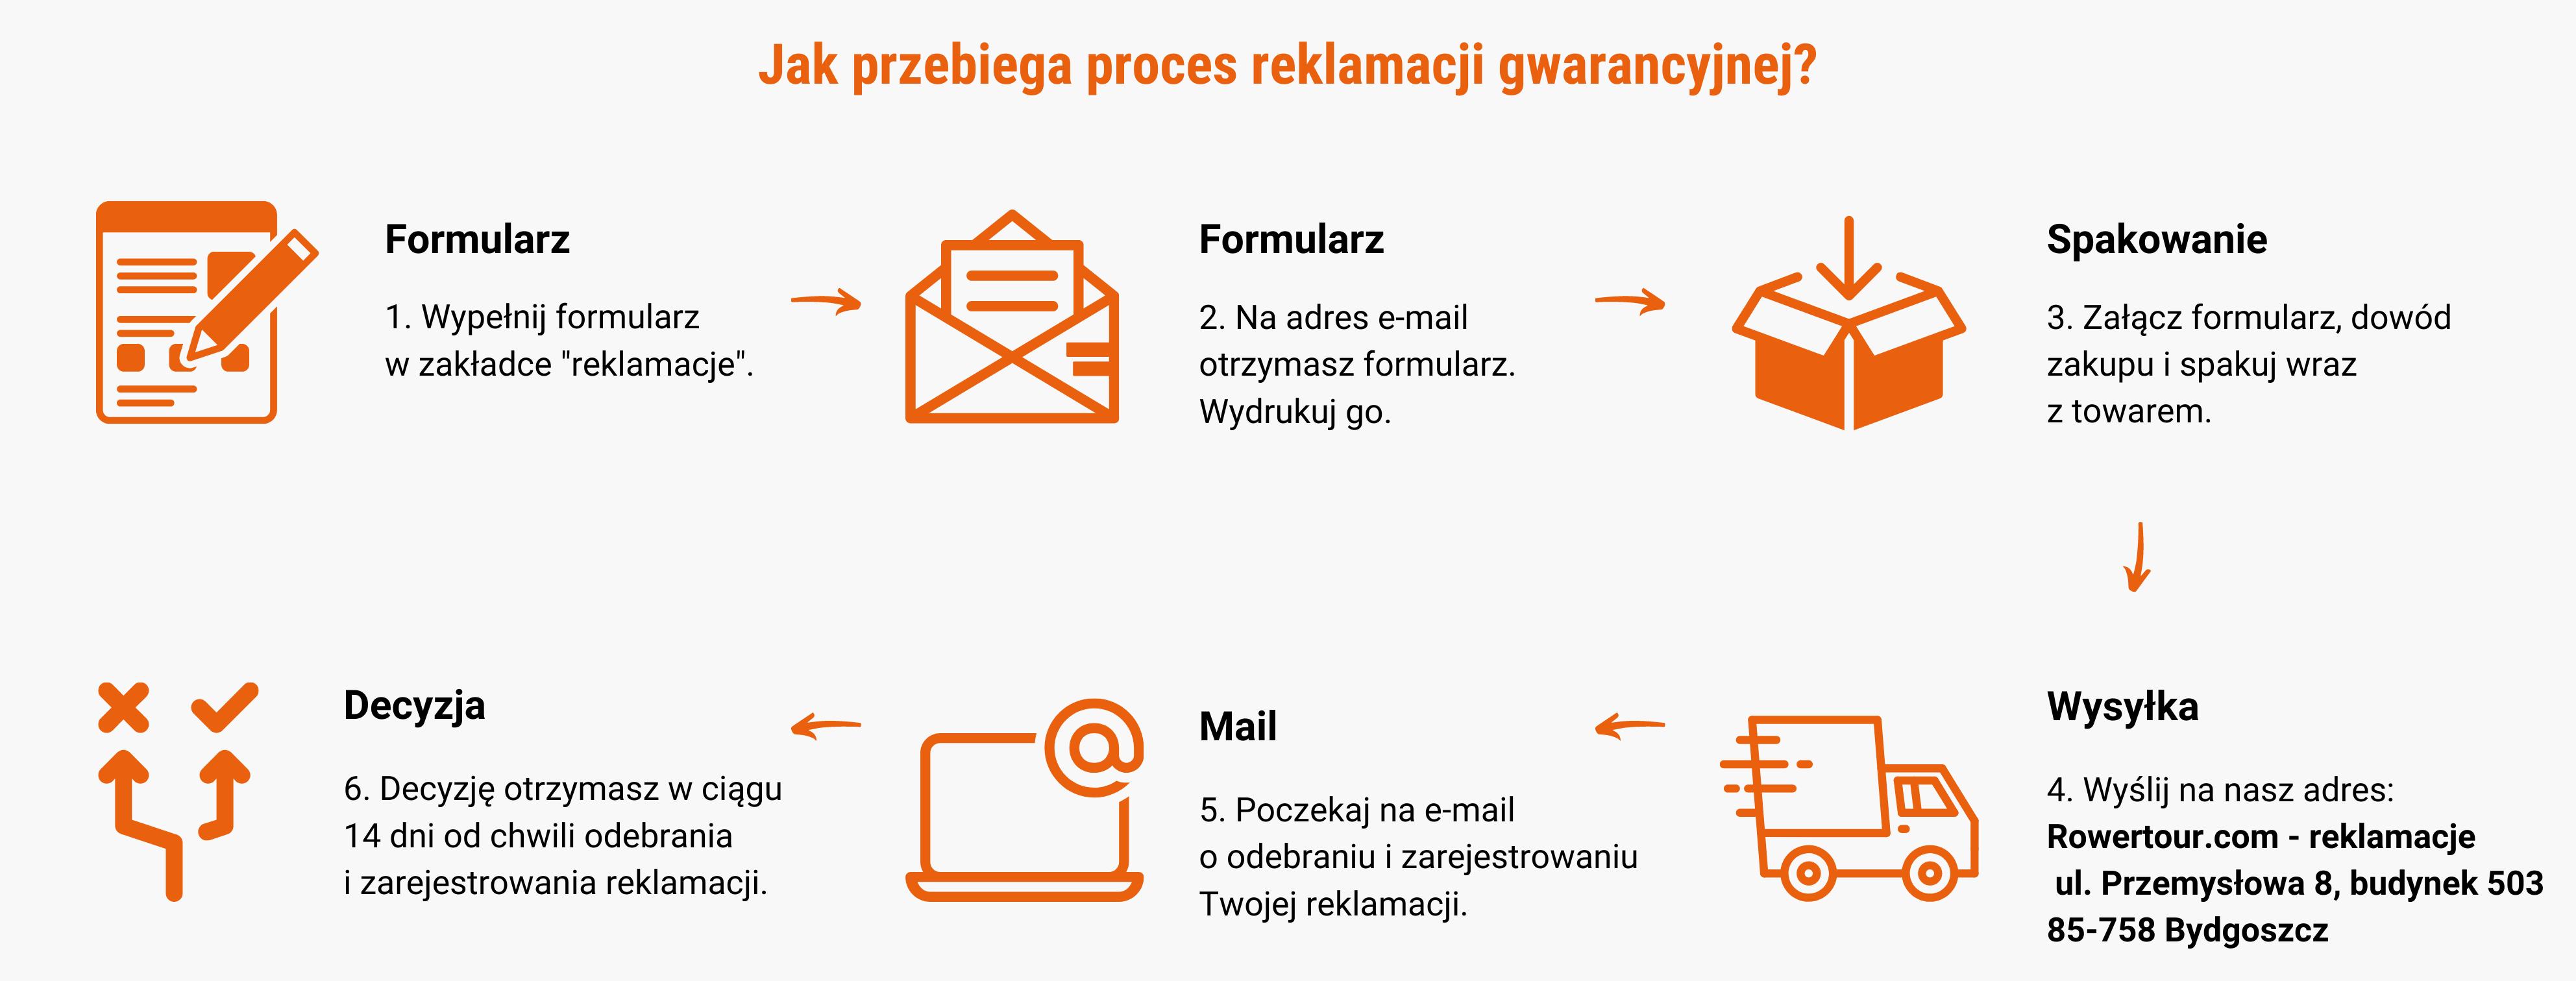 proces reklamacji